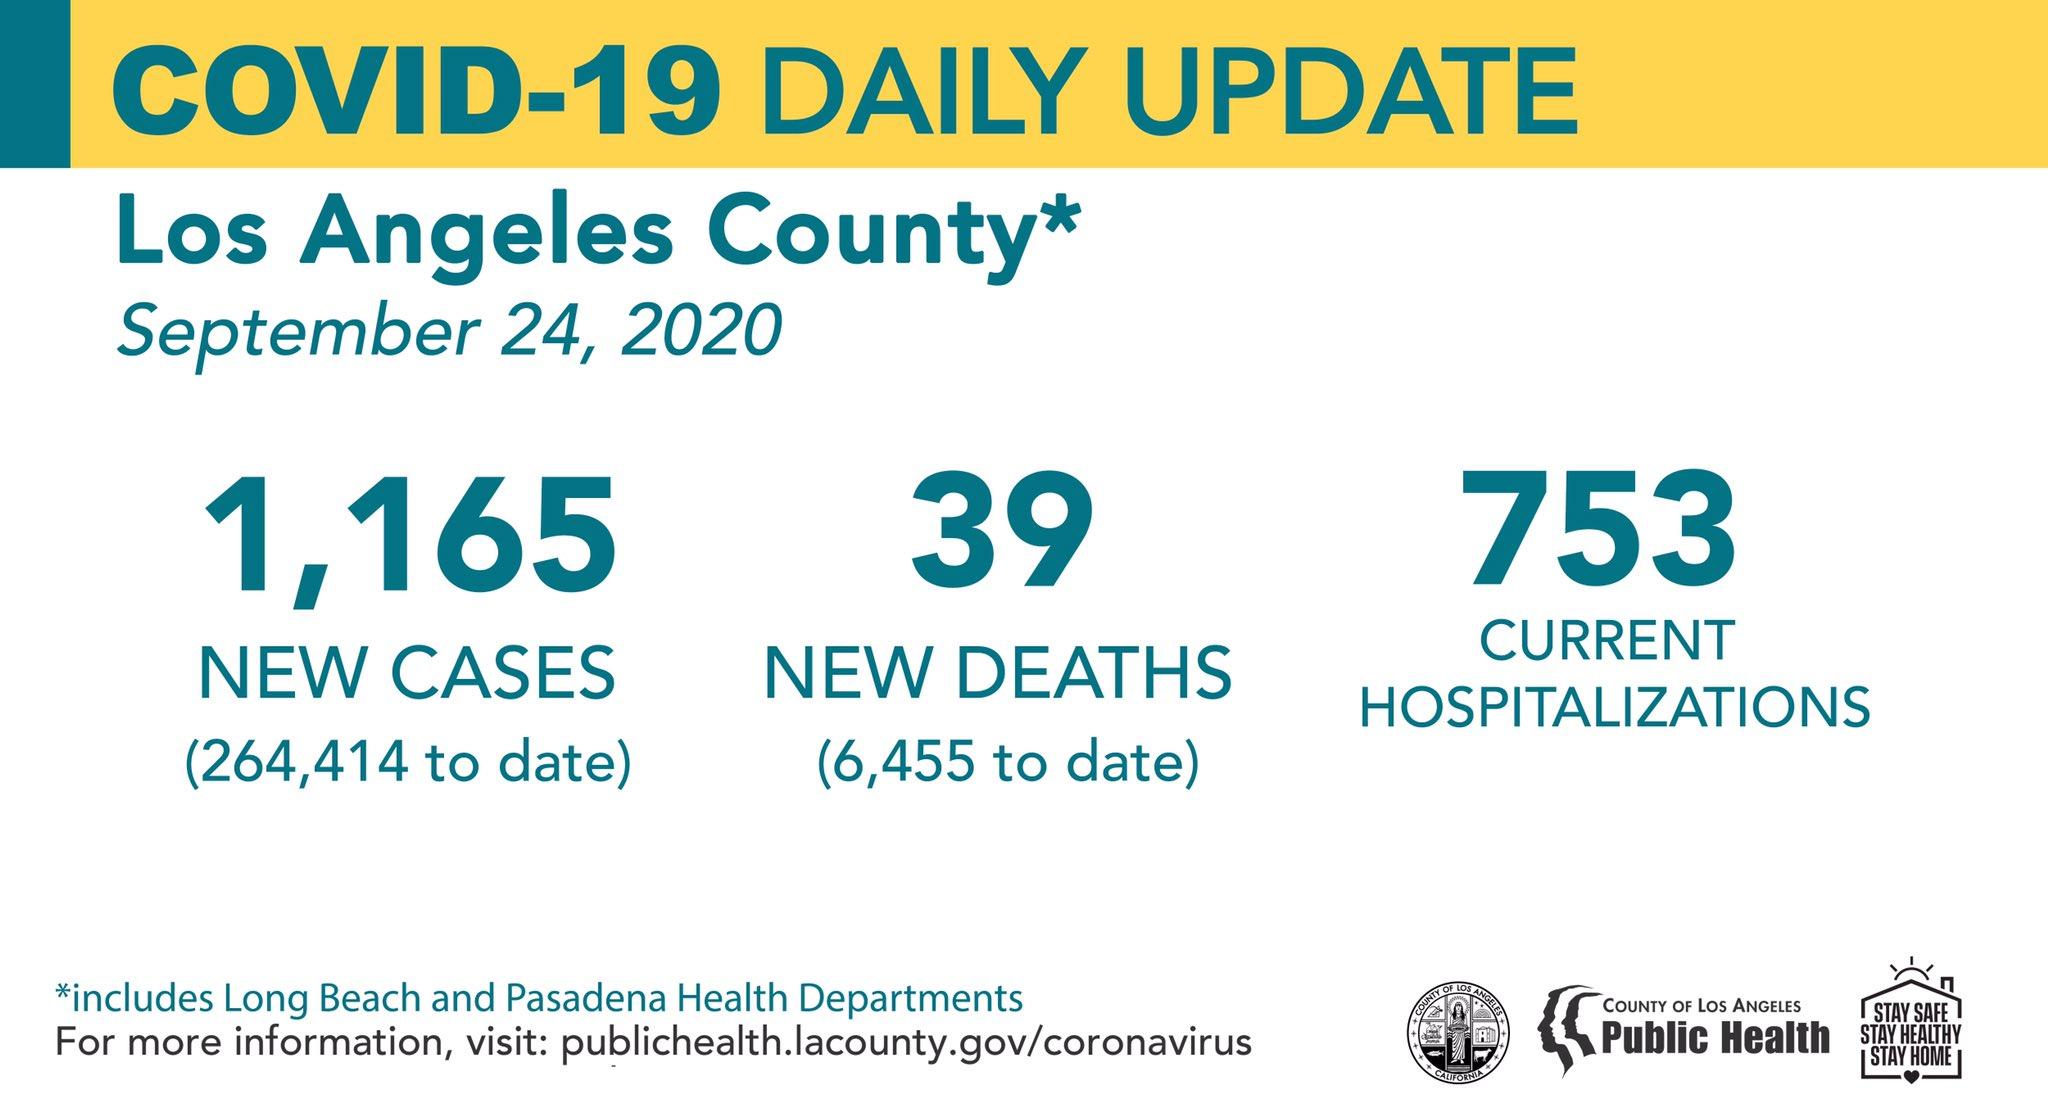 洛杉矶县9月24日新冠新增1165例,死亡39例